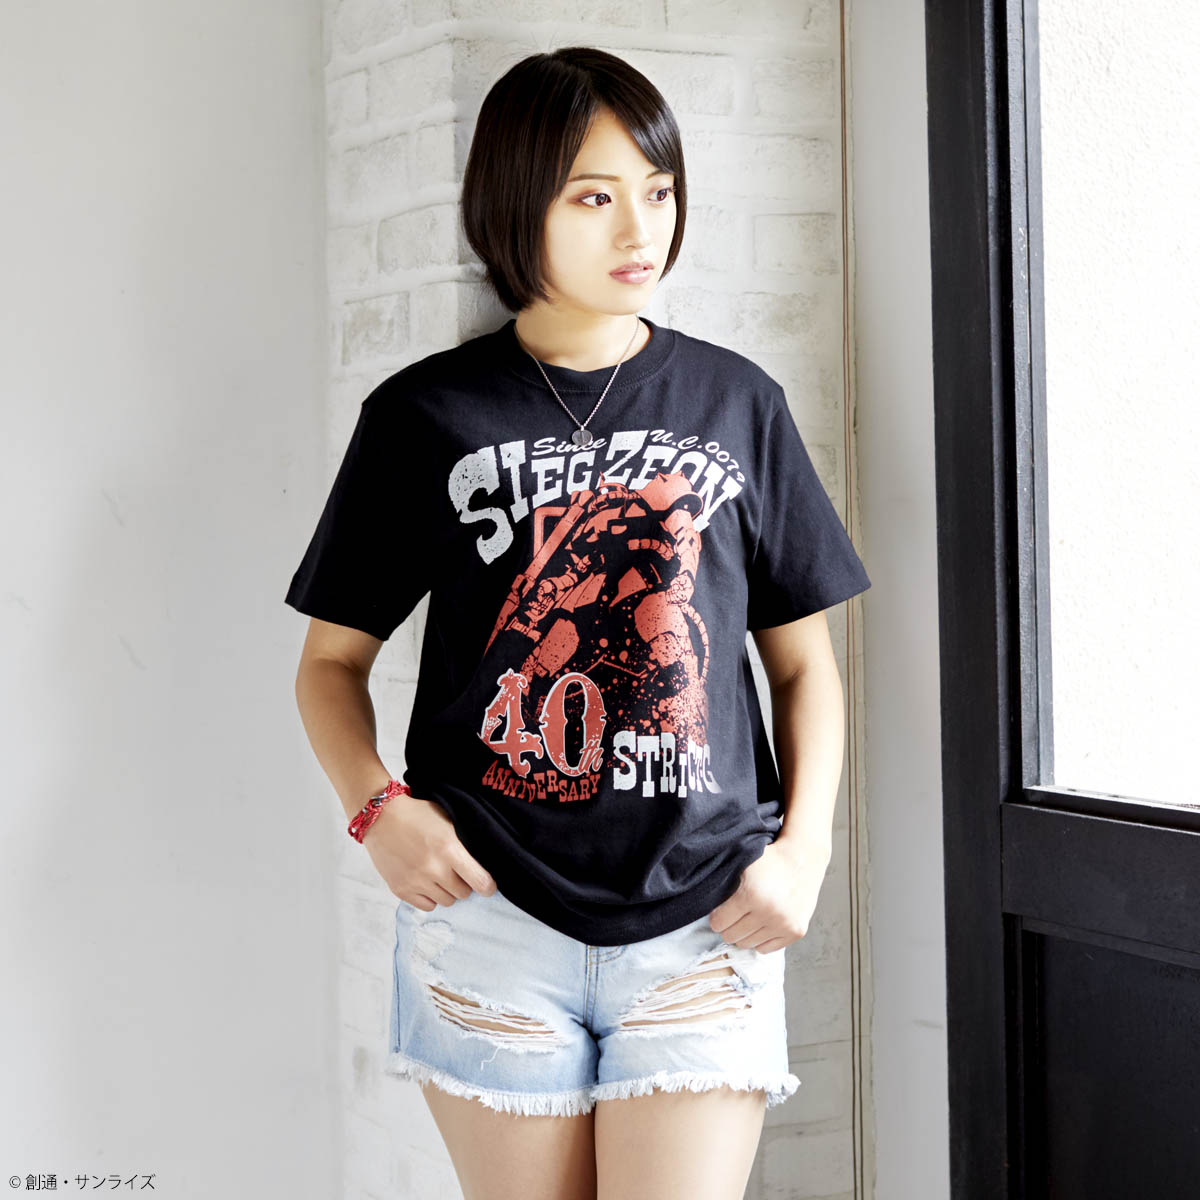 『機動戦士ガンダム』40周年記念 コンバット柄Tシャツ シャア専用ザクII